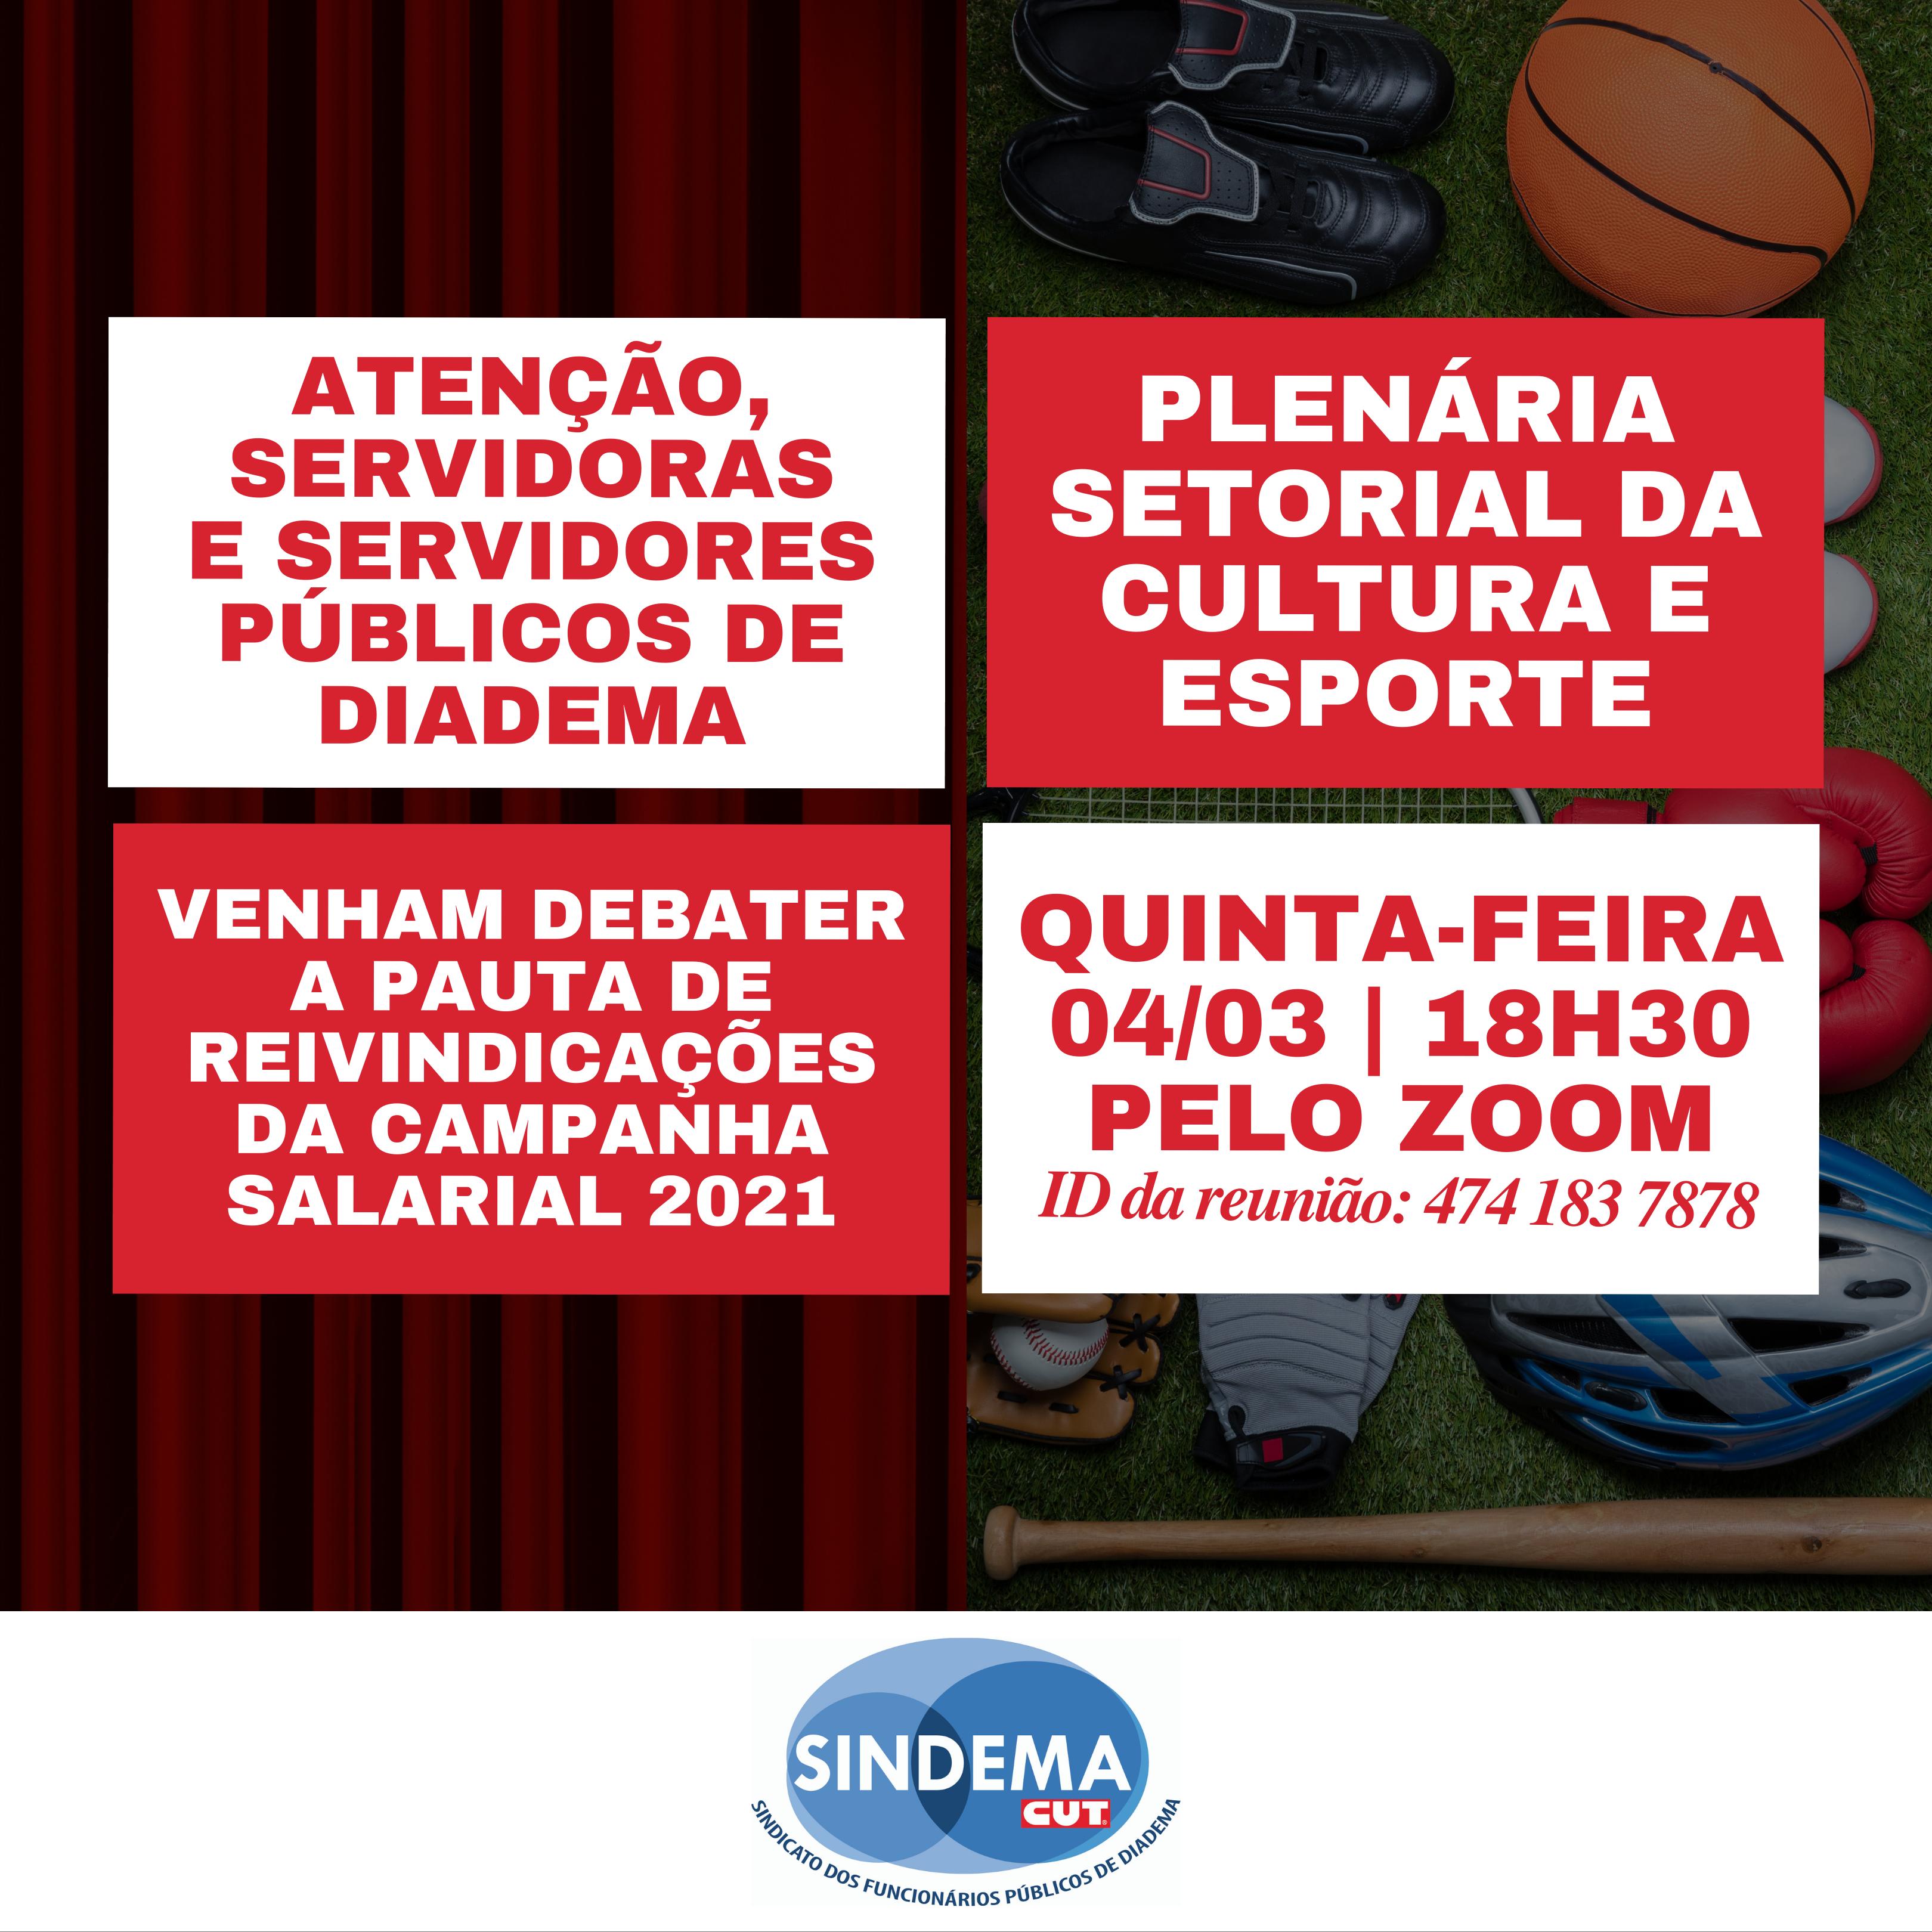 Plenária setorial Cultura e Educação:  campanha salarial 2021.